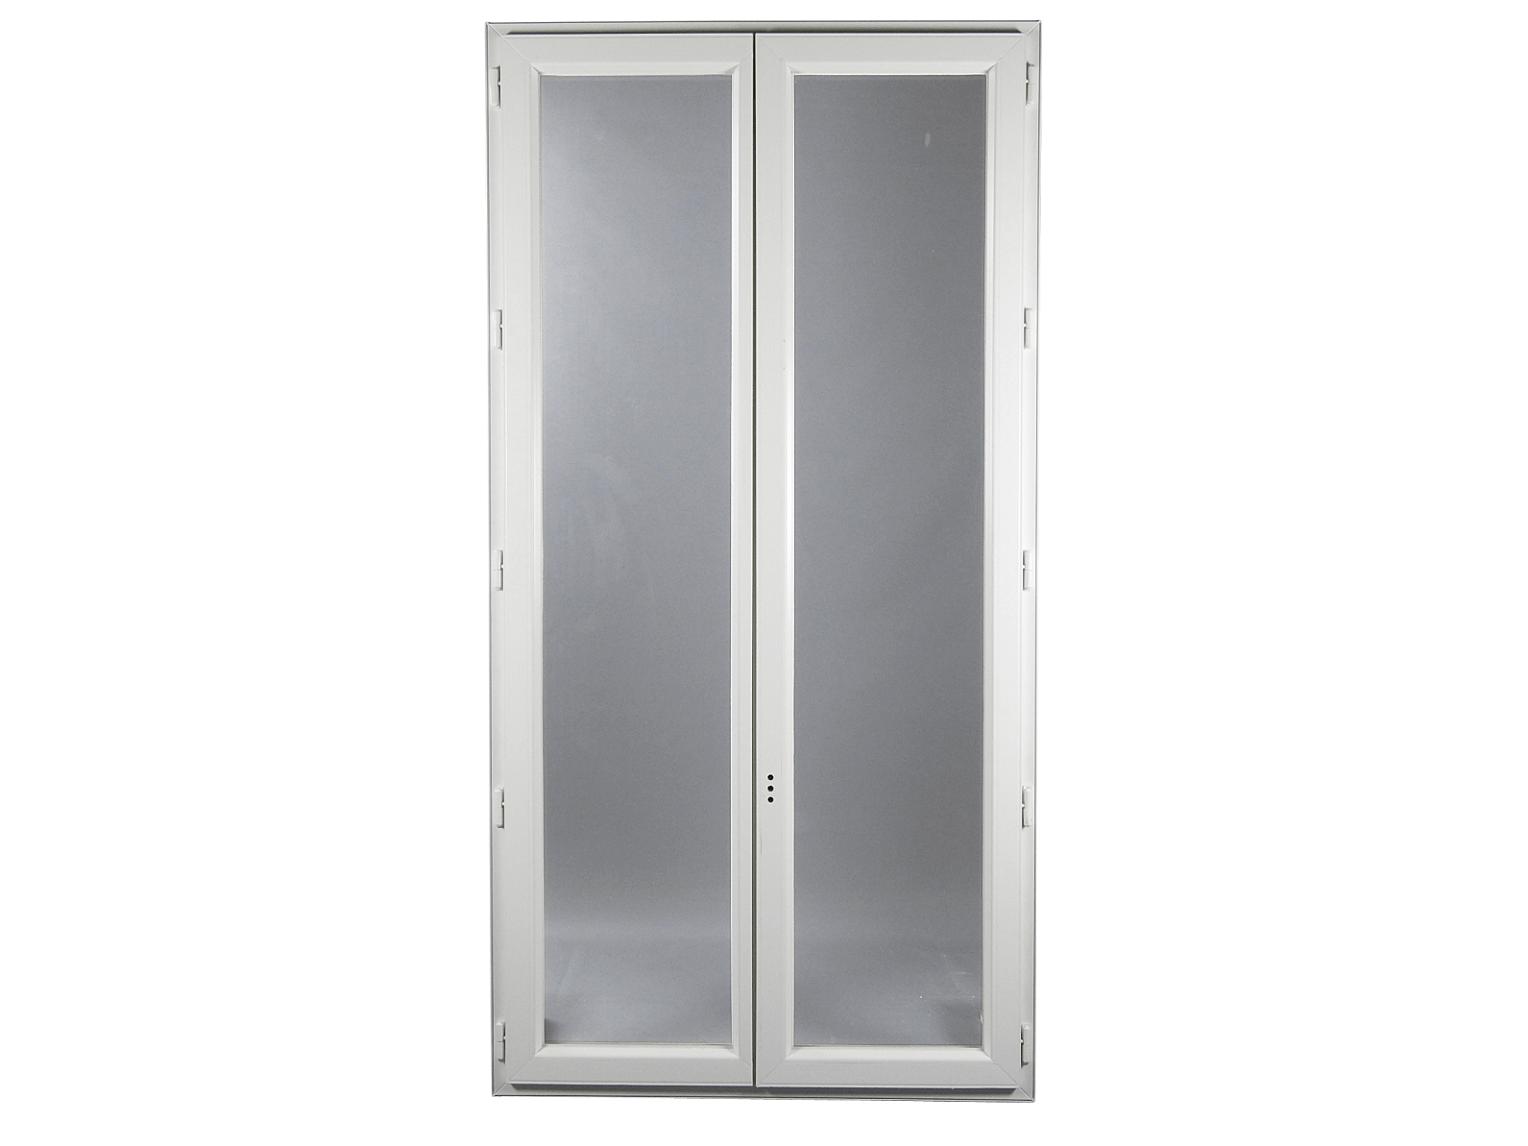 Fen tre pvc gamme e pro 2 vantaux h 145 x l 110 cm for Fenetre largeur 160